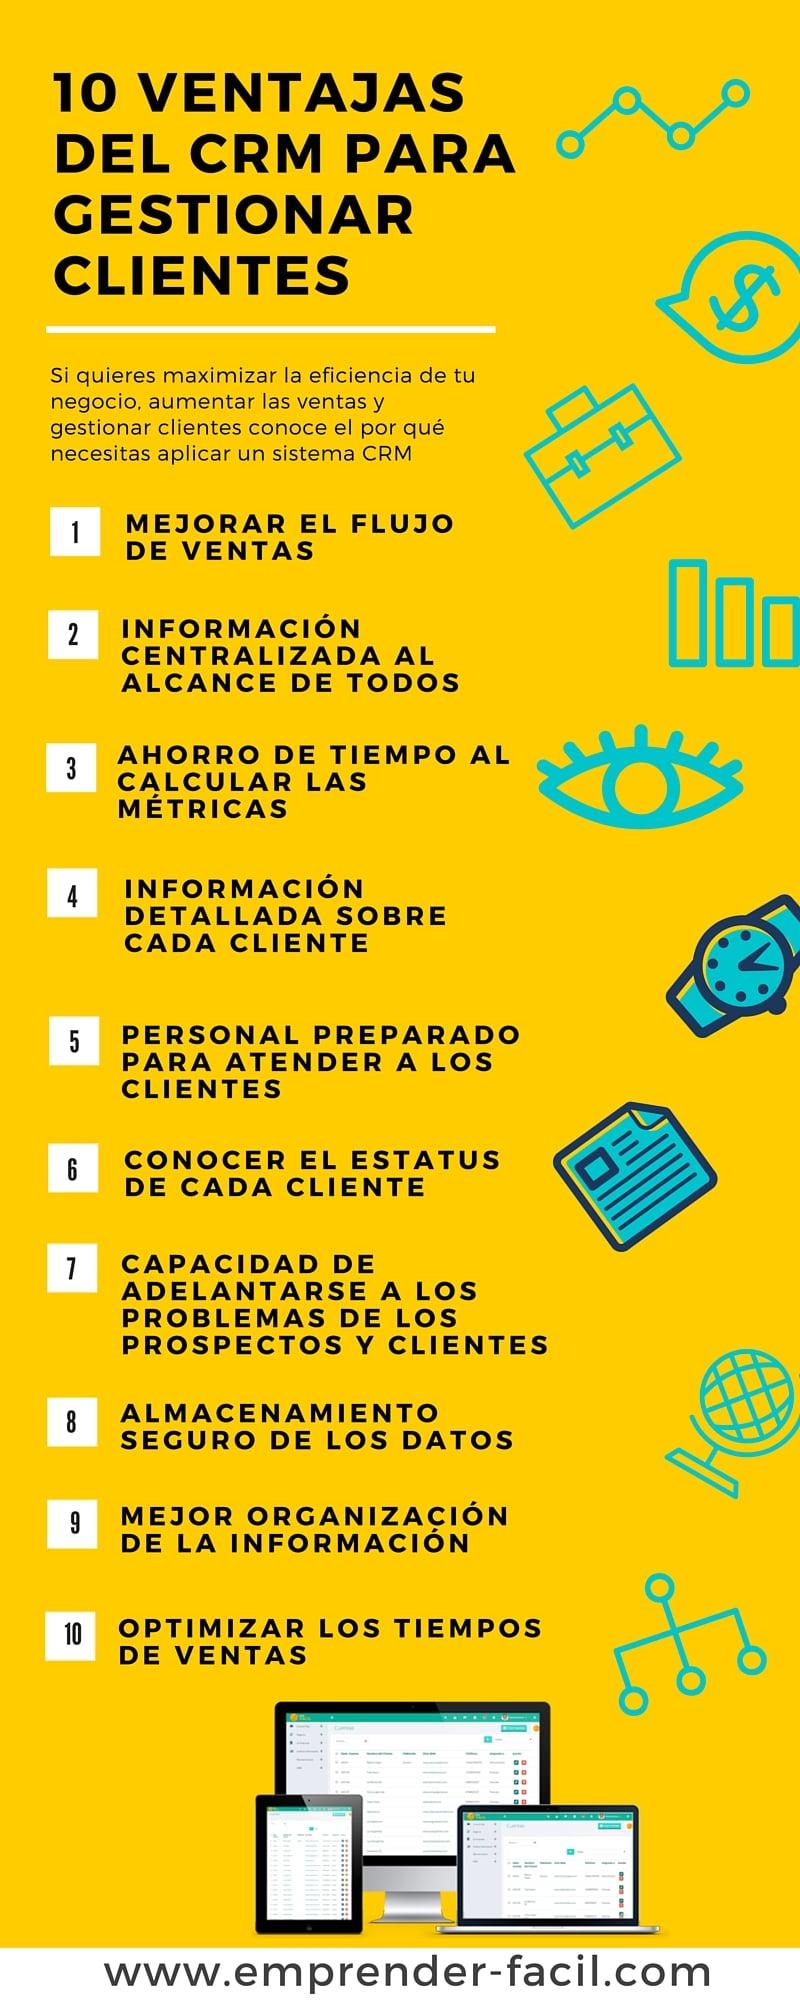 10 ventajas del CRM para gestionar clientes